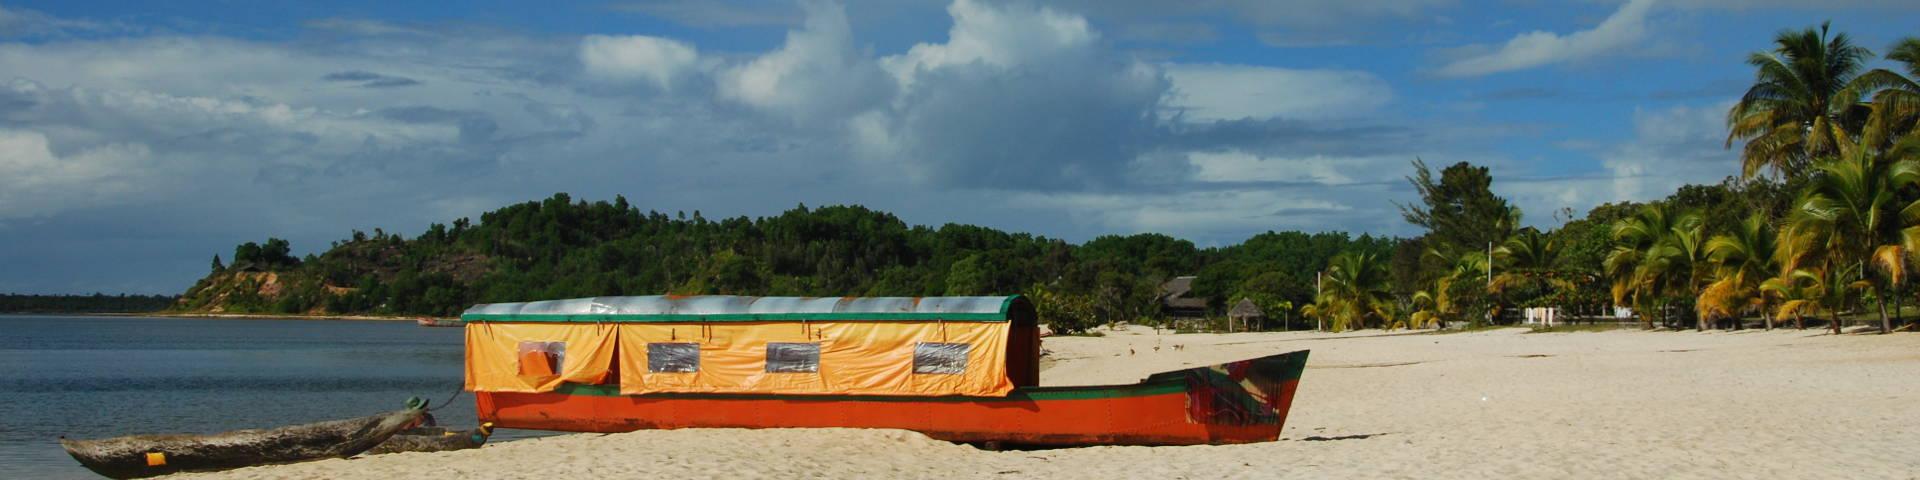 Abidjan hero banner2